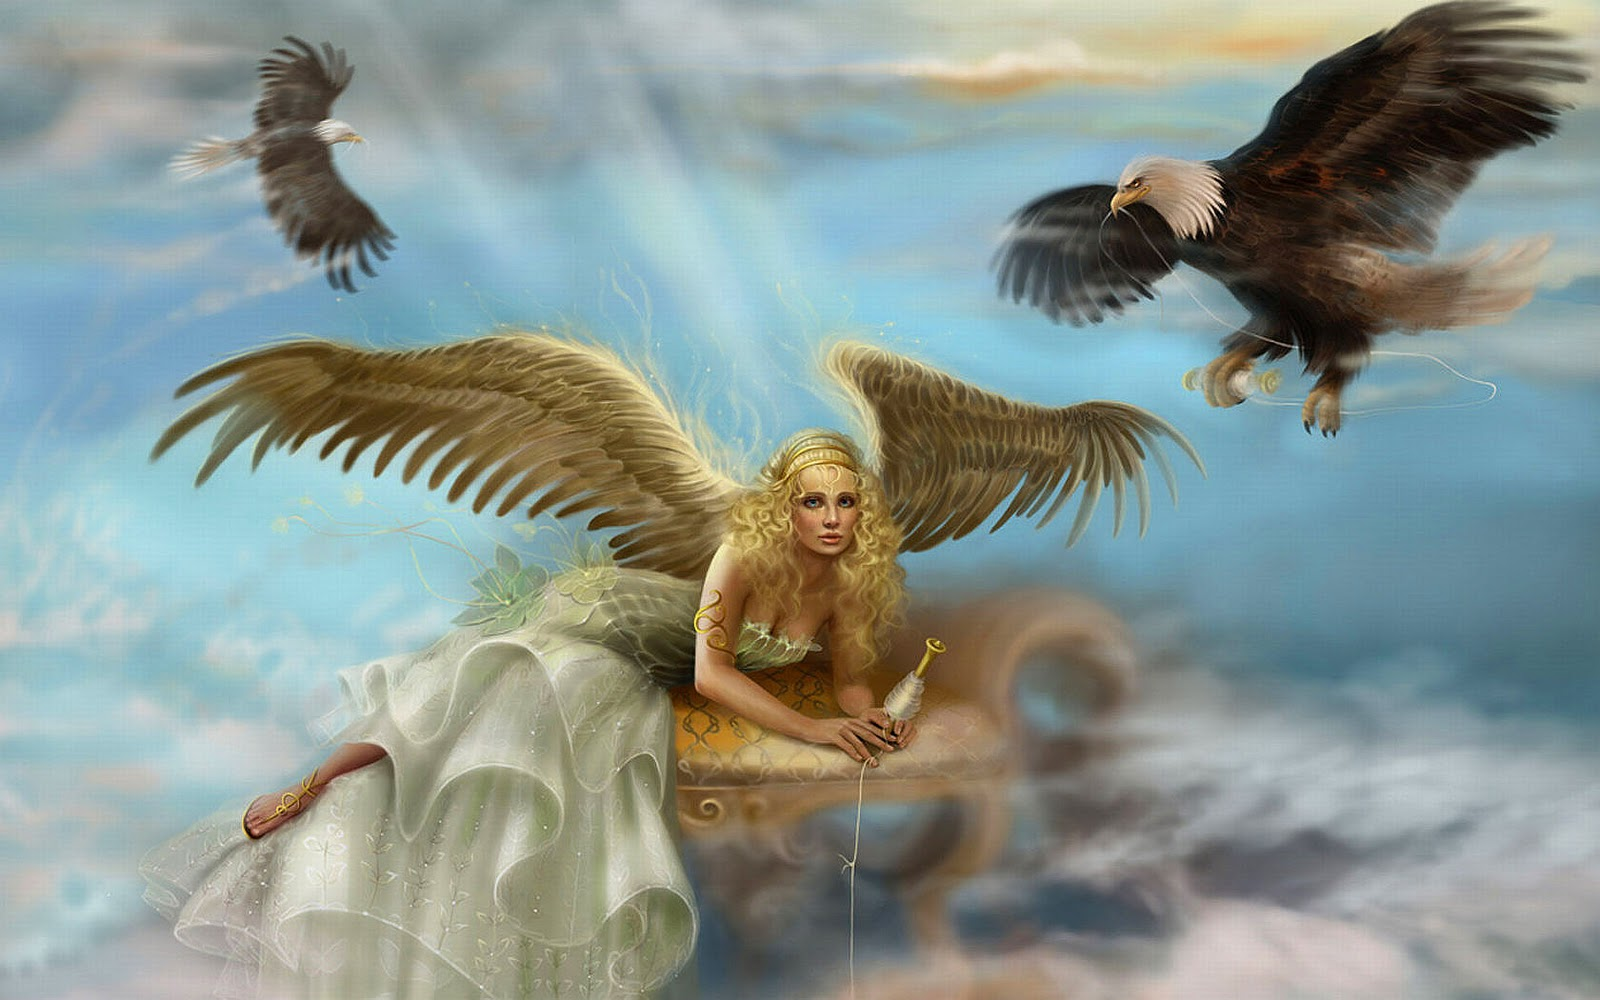 Angel Wallpapers Hot Girls Wallpapers Desktop wallpapers Desktop HD 1600x1000